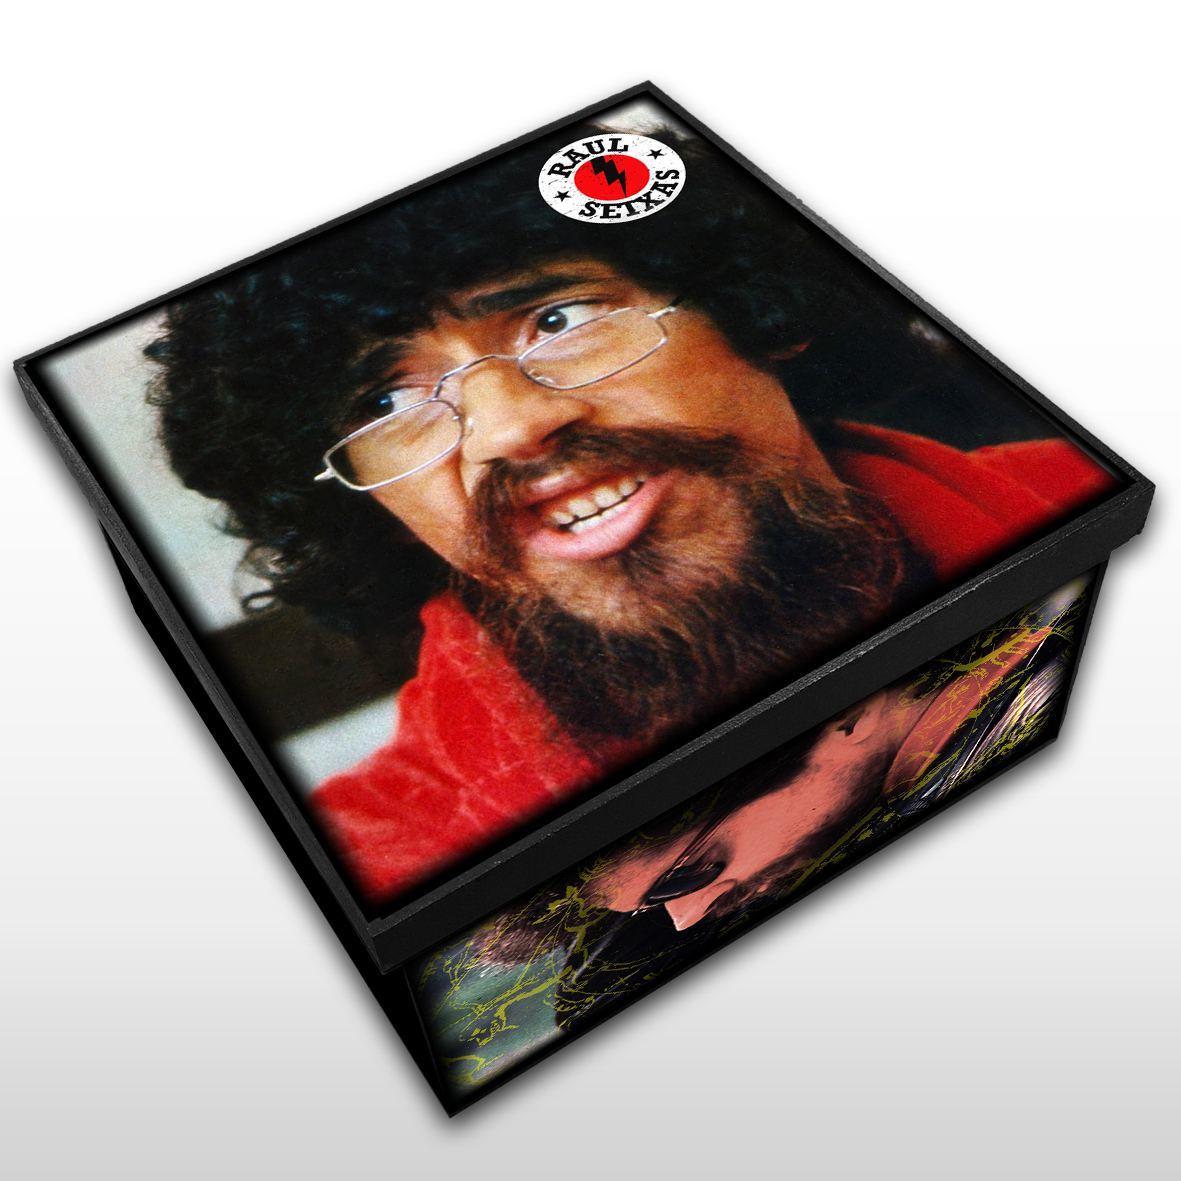 Raul Seixas - Caixa em Madeira MDF - Tamanho Médio - Mr. Rock